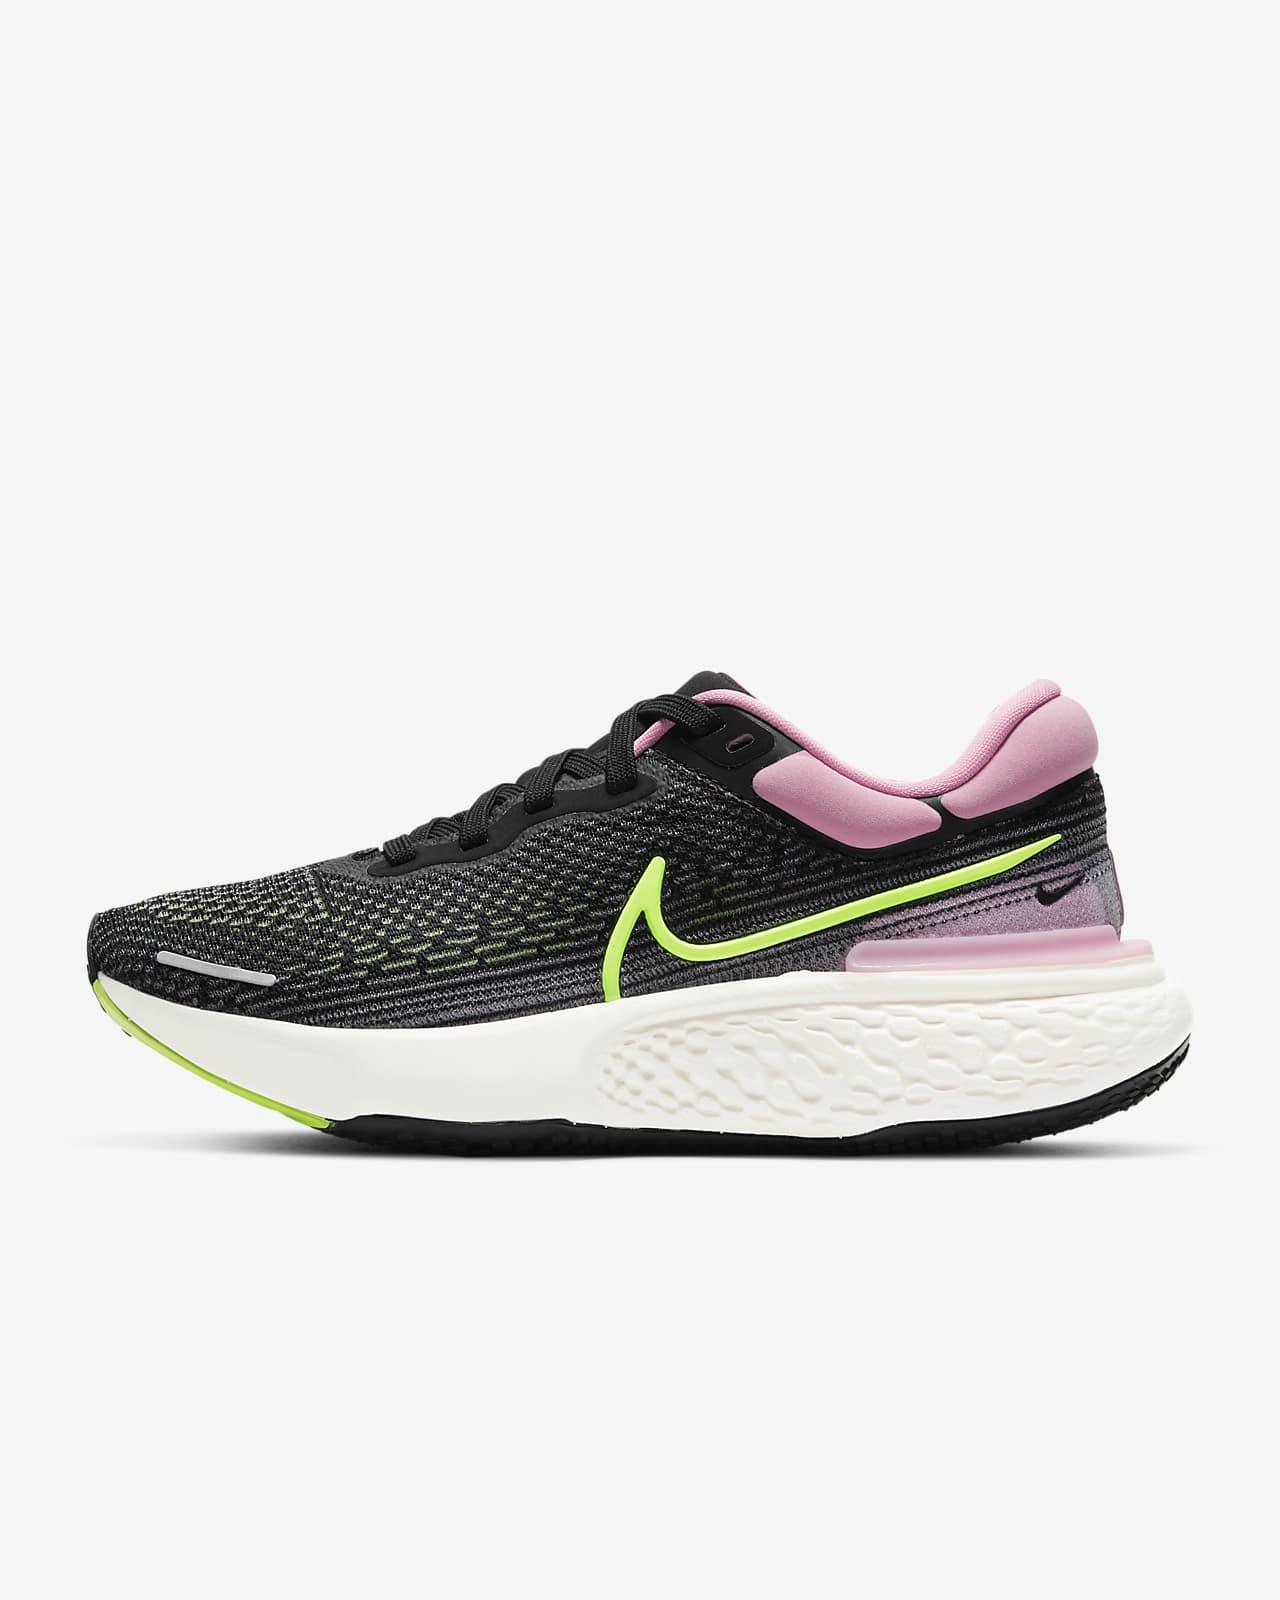 Nike ZoomX Invincible Run Flyknit Hardloopschoen voor dames